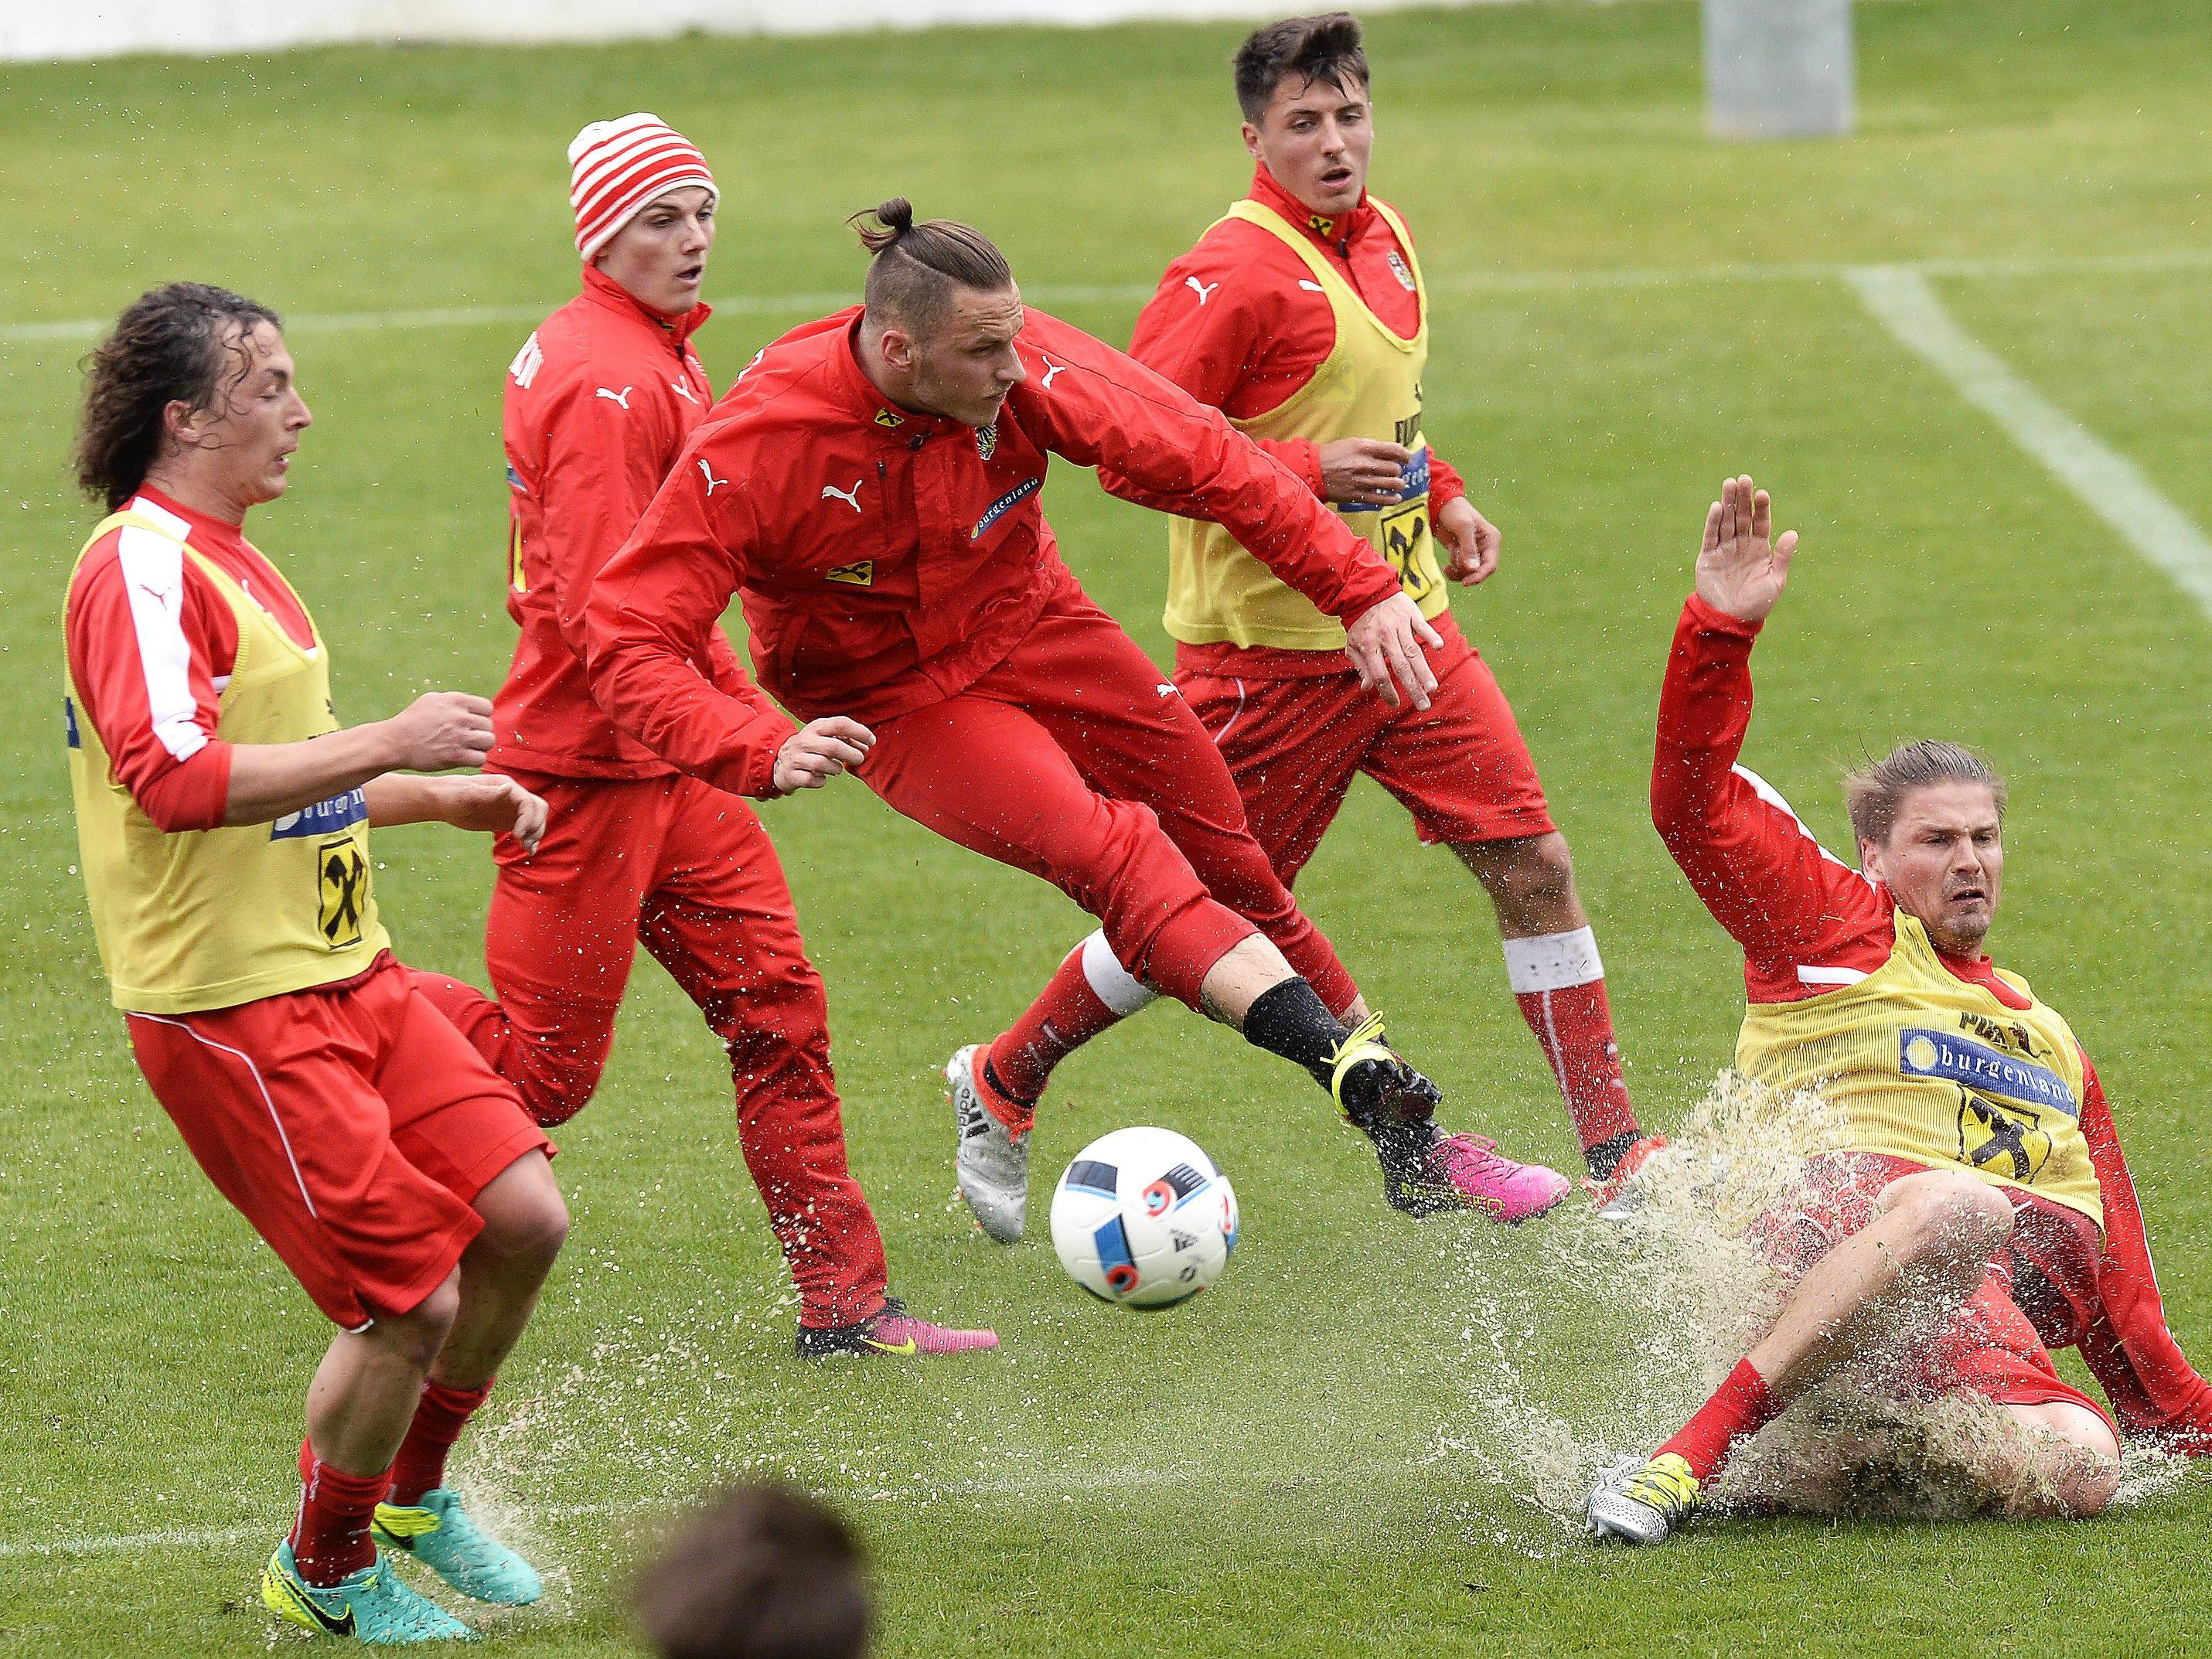 Das ÖFB-Team bereitet sich in der Schweiz auf die EURO 2016 vor.